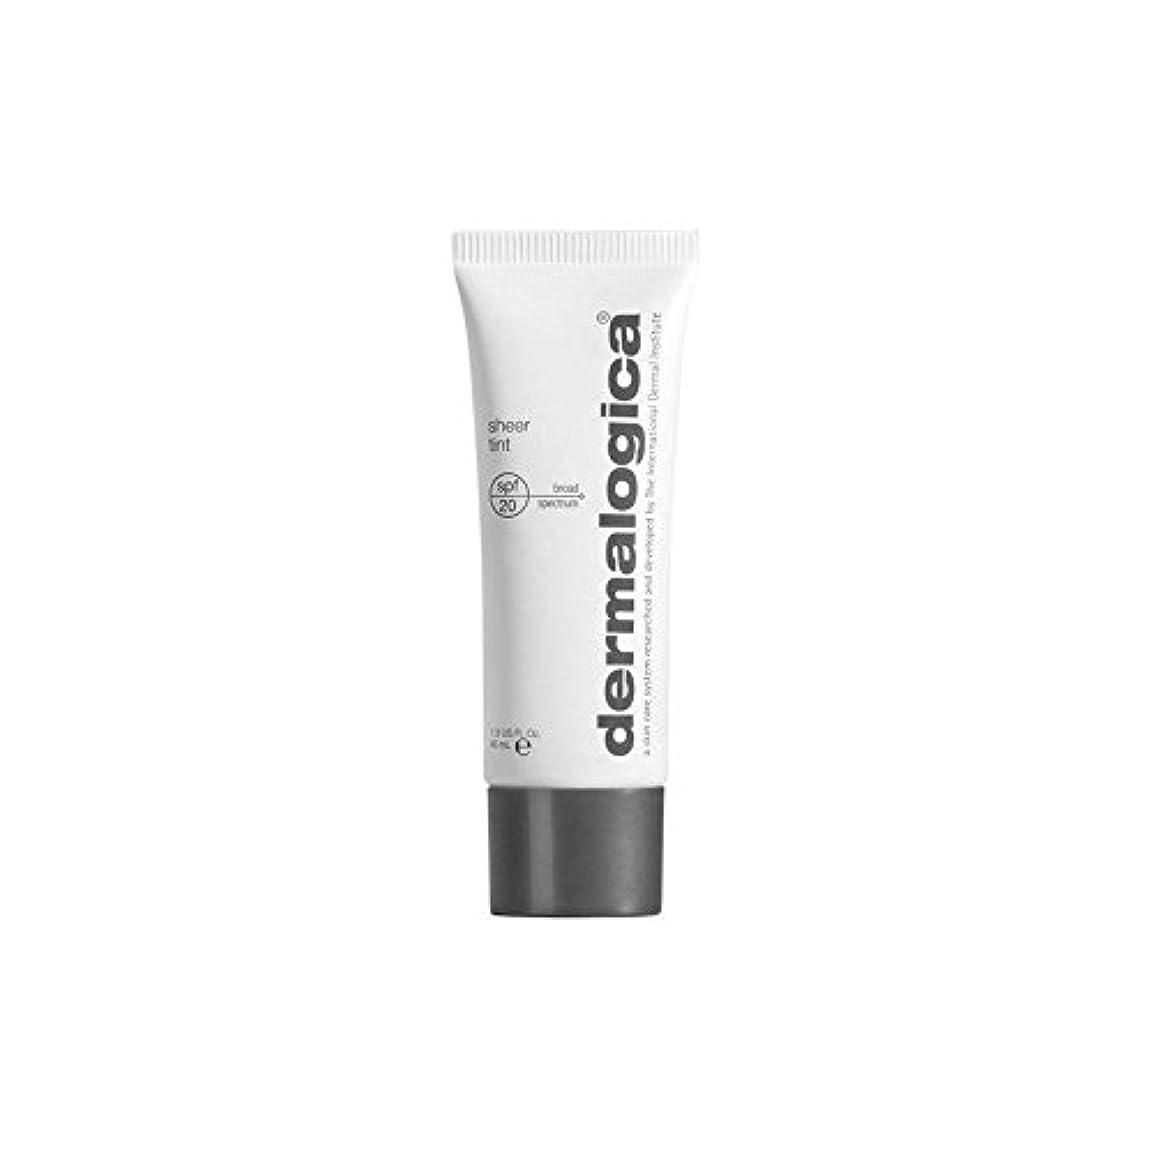 カンガルータウポ湖分子Dermalogica Dark Sheer Tint Moisture (40ml) - ダーマロジカ暗い色合い薄手の水分(40ミリリットル) [並行輸入品]